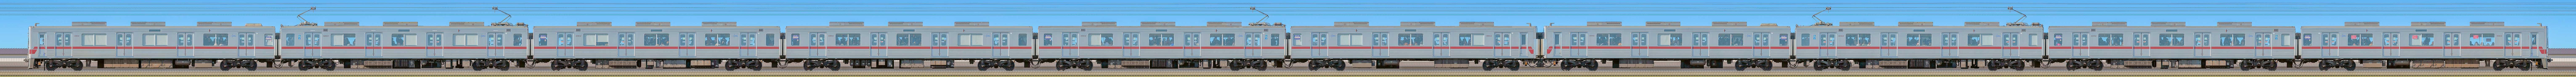 東武30000系31612編成(海側)の編成サイドビュー